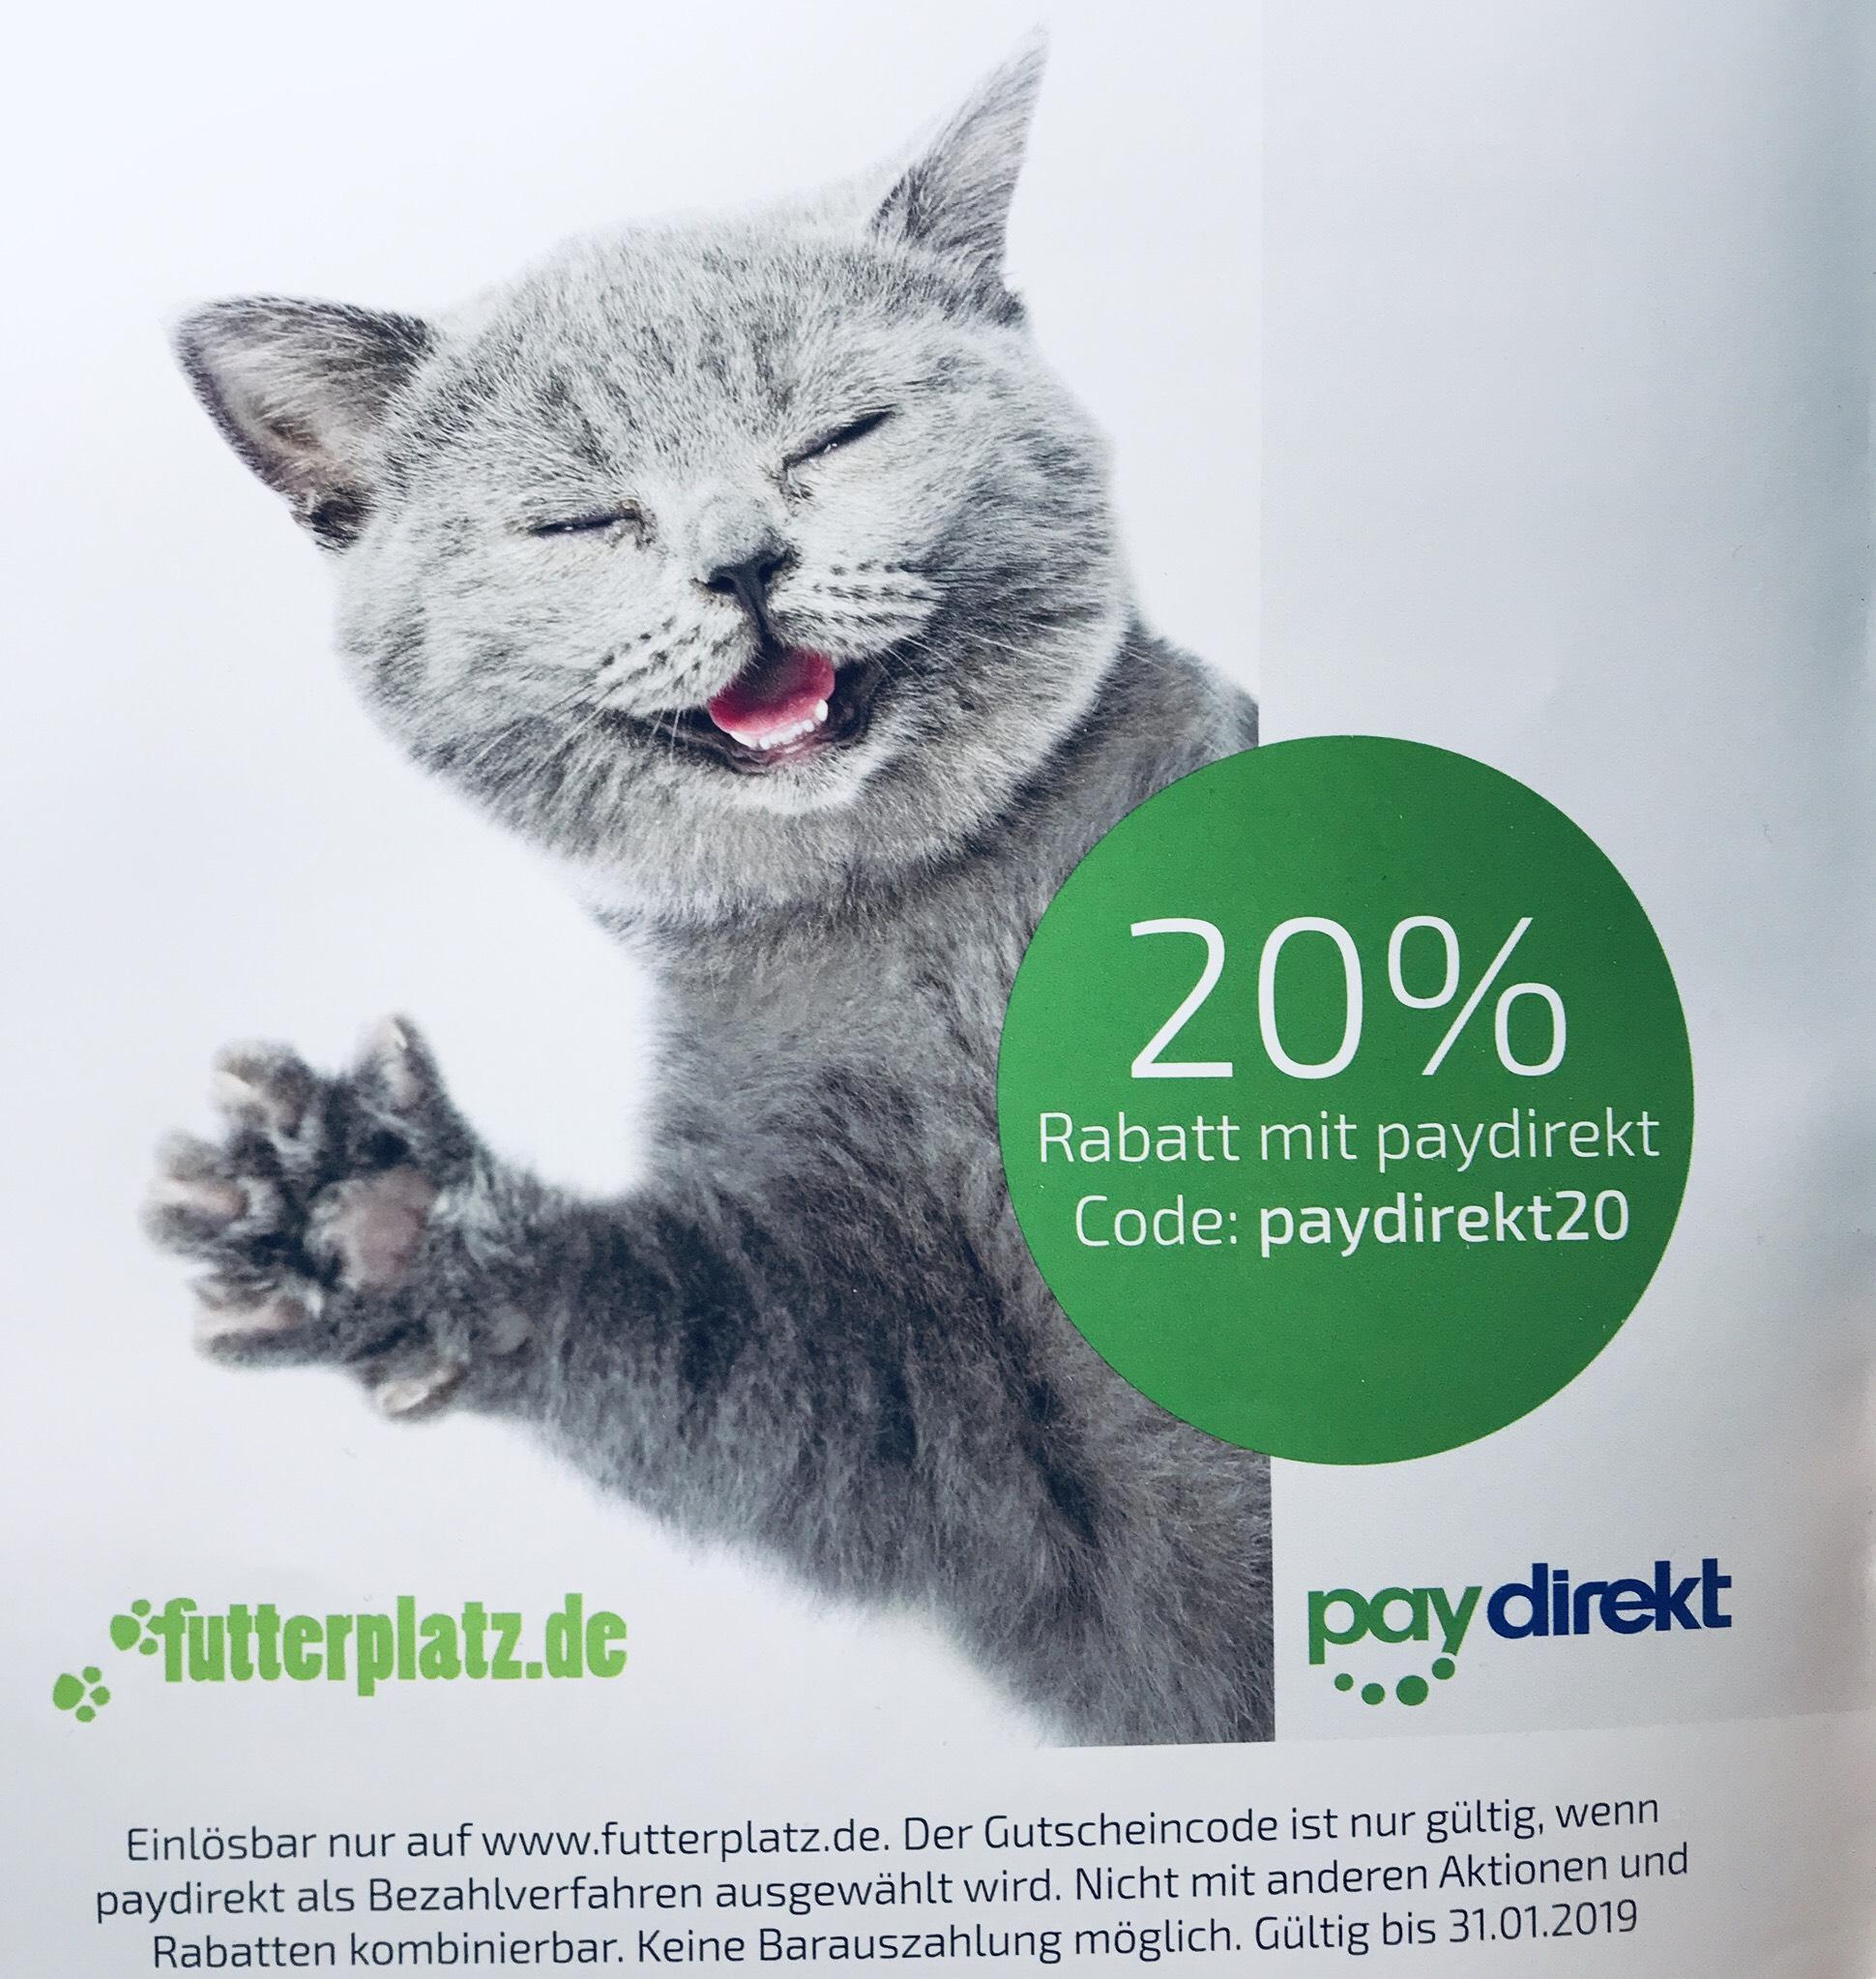 20% Rabatt mit paydirekt bei futterplatz.de ohne MBW